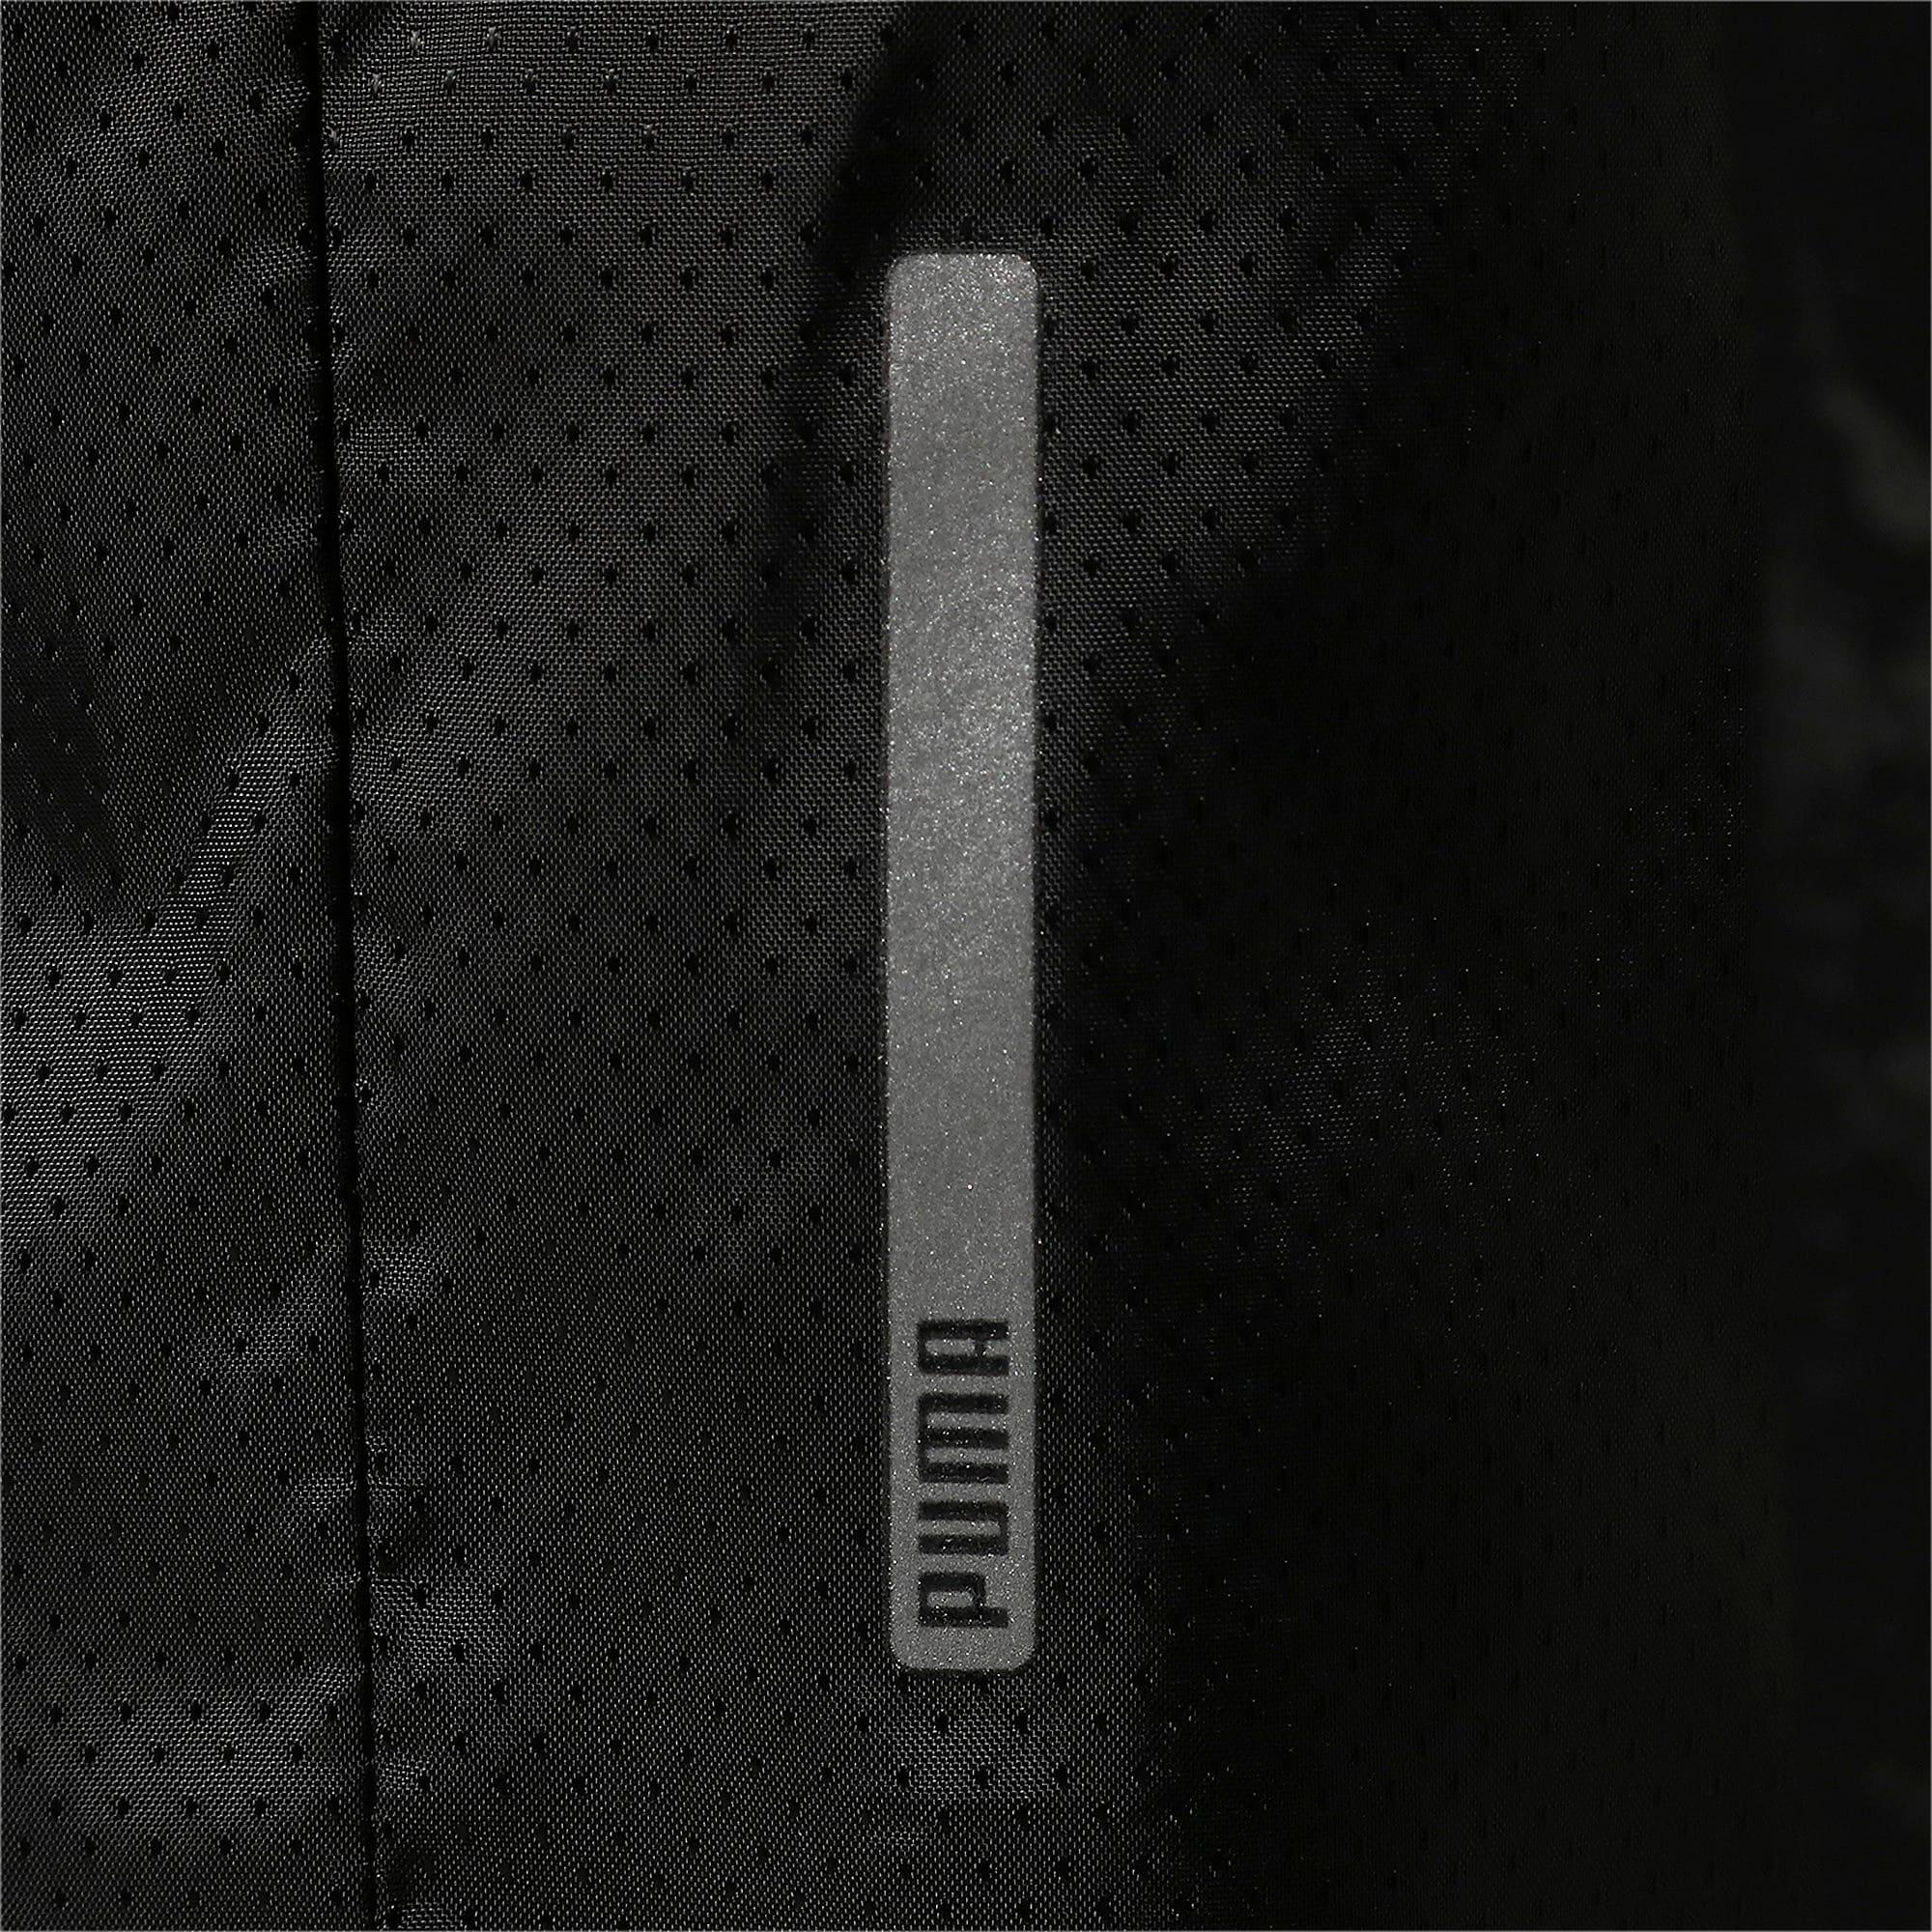 Thumbnail 9 of フィール イット ウィメンズ トレーニング トリコットライニング ウーブンパンツ, Puma Black, medium-JPN